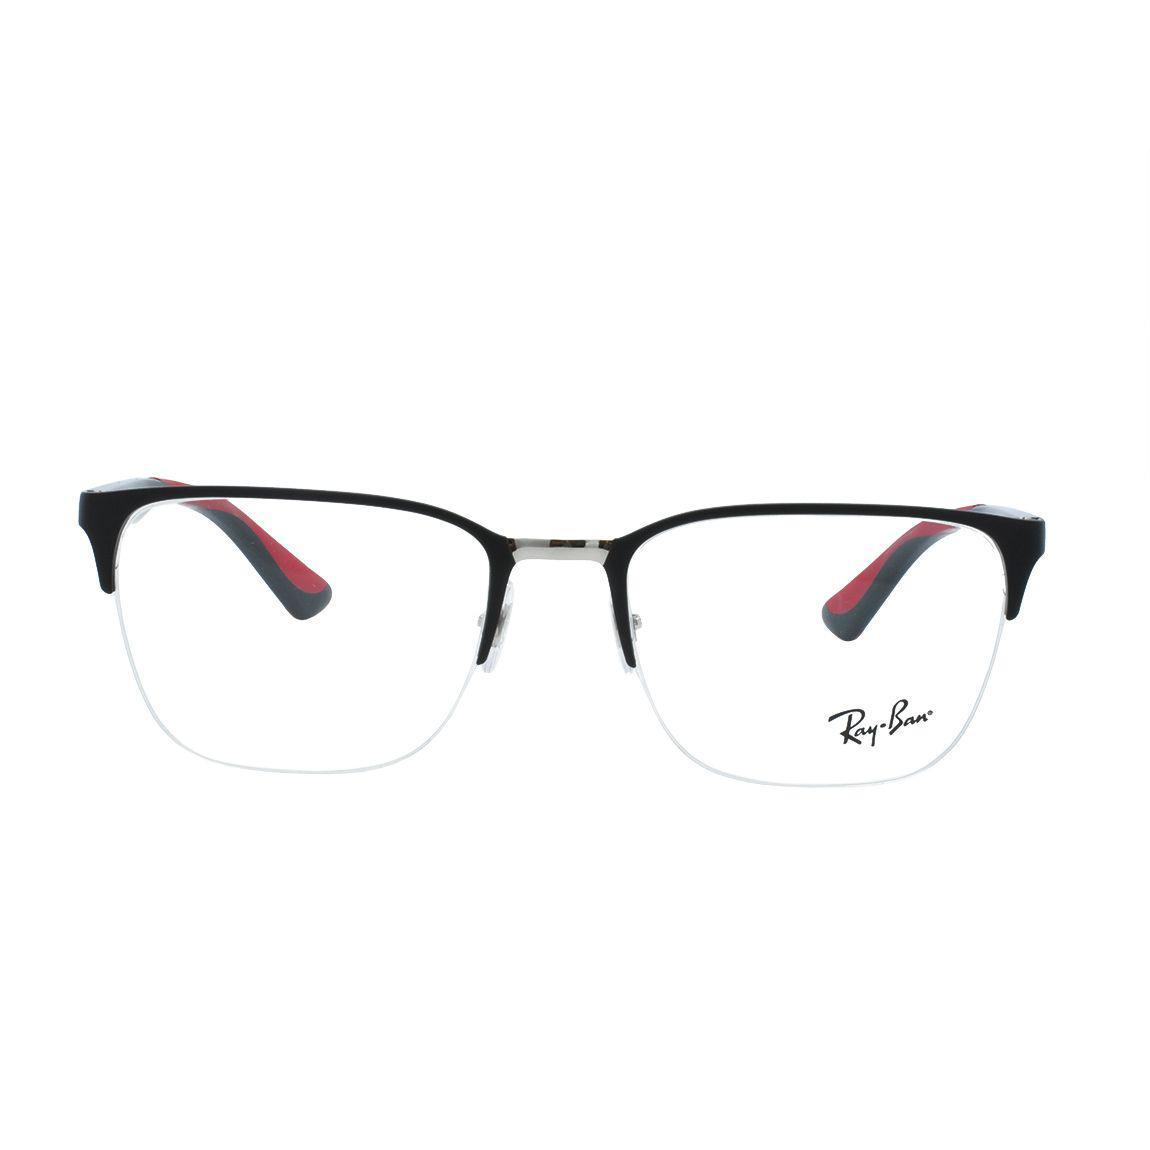 f1c5b0ae4ed7e Óculos de Grau Ray Ban Masculino Fio de Nylon RX6428 2997 - Acetato Preto R   498,00 à vista. Adicionar à sacola